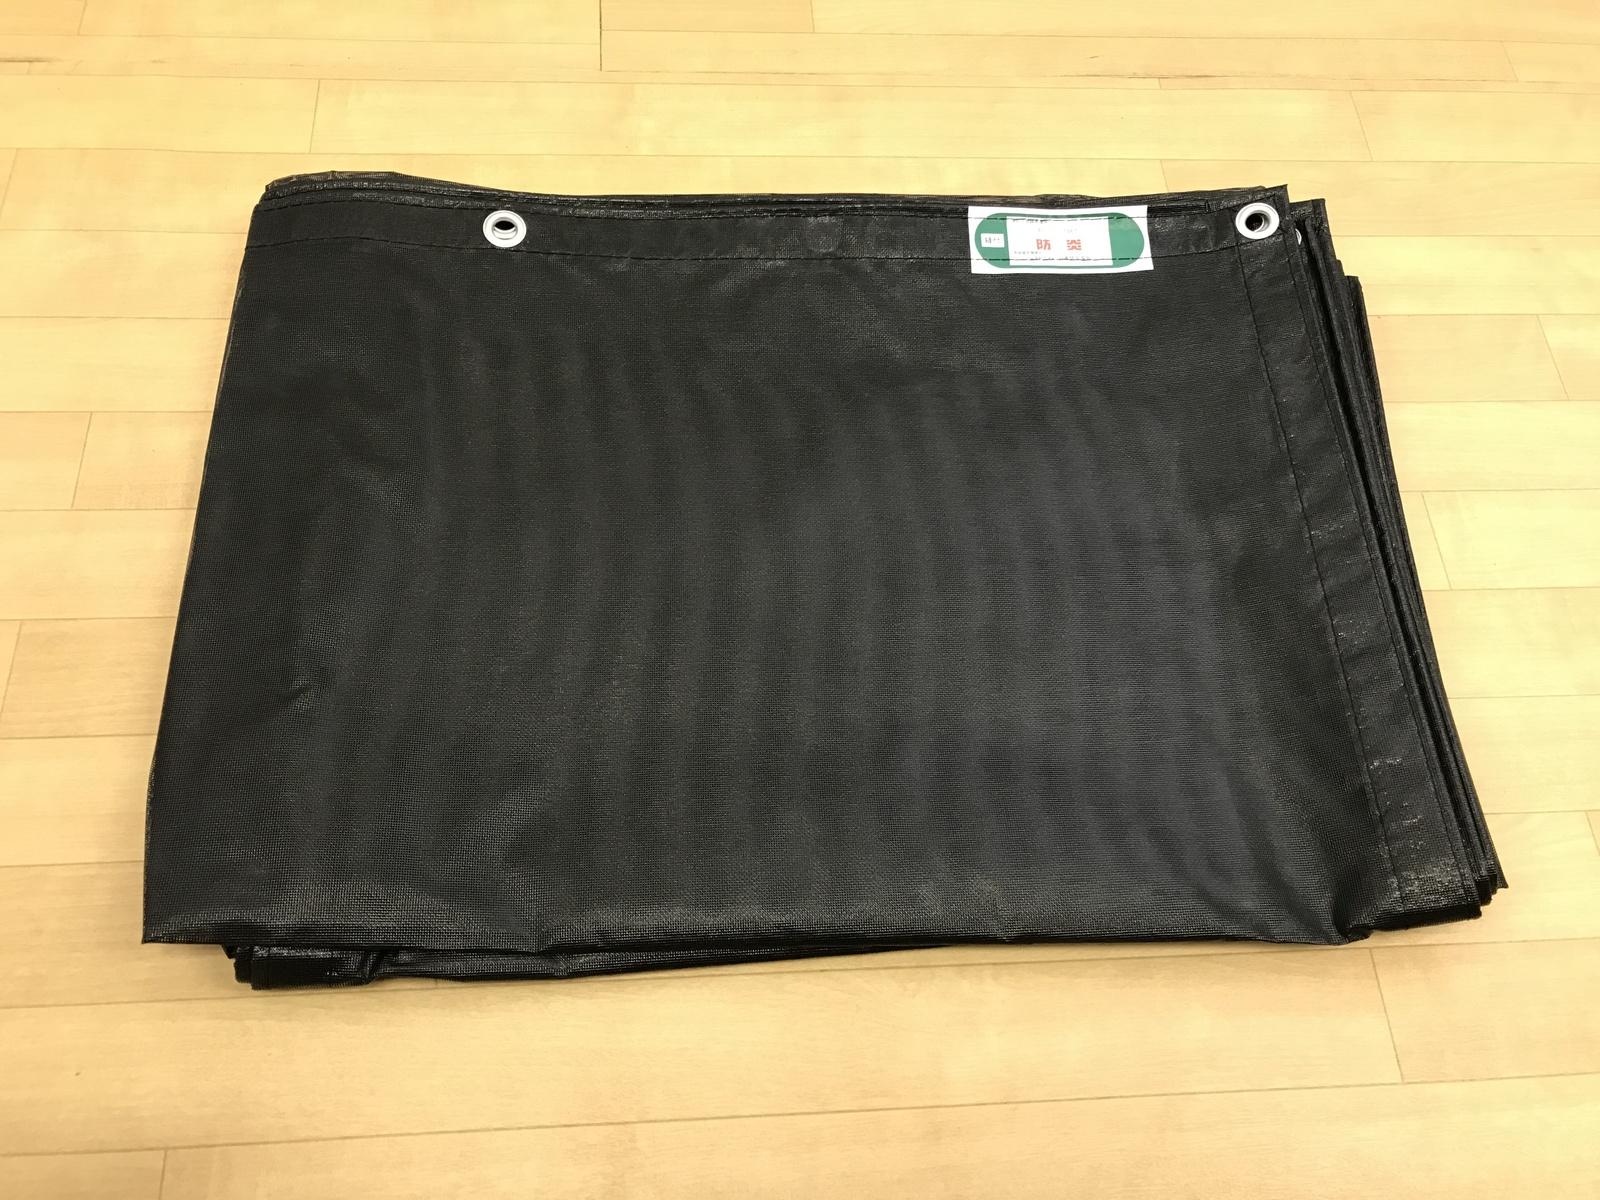 仮設足場資材 新品 メッシュシート2類0.6M×6.3M 黒 ハトメピッ千450mm 1梱包10枚入り 10枚セット(他の商品もありますので、一緒にご検討ください。)